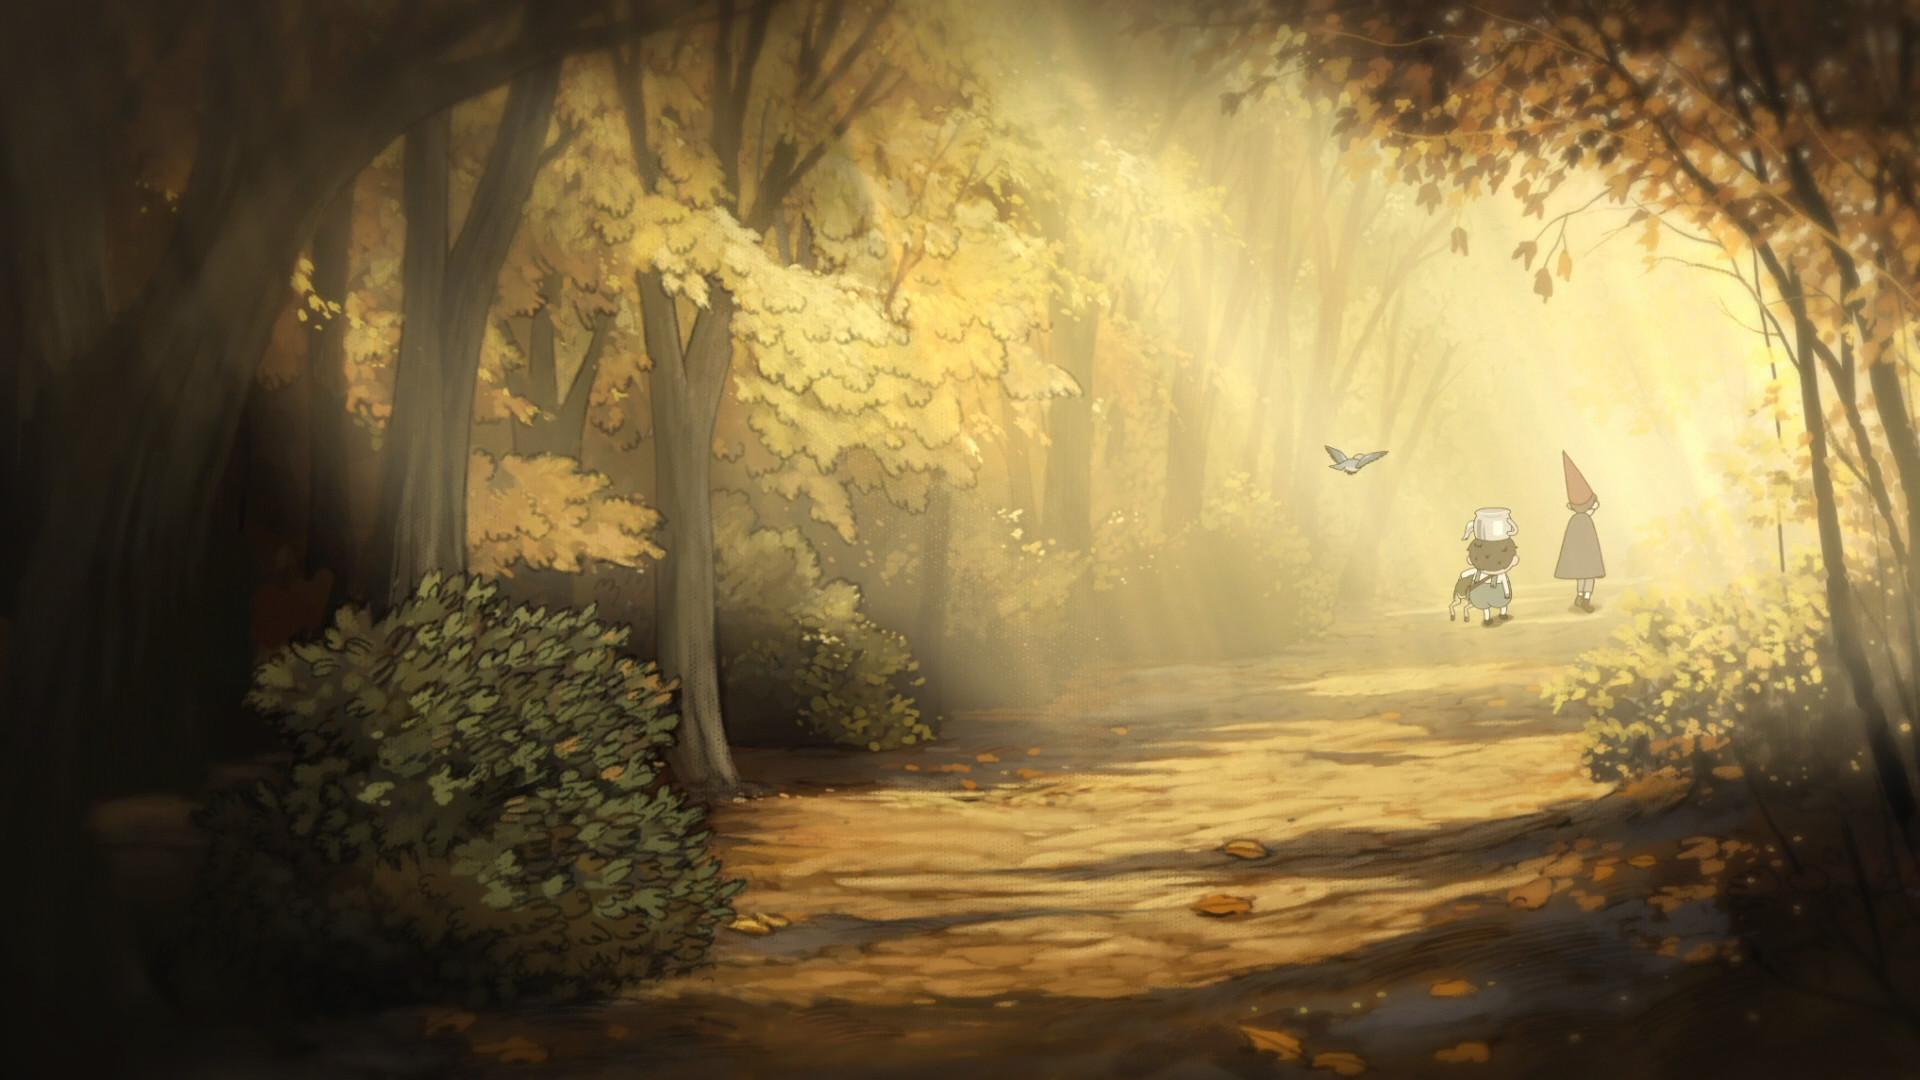 Gravity Falls Desktop Wallpaper Hd Over The Garden Wall Wallpaper 83 Images